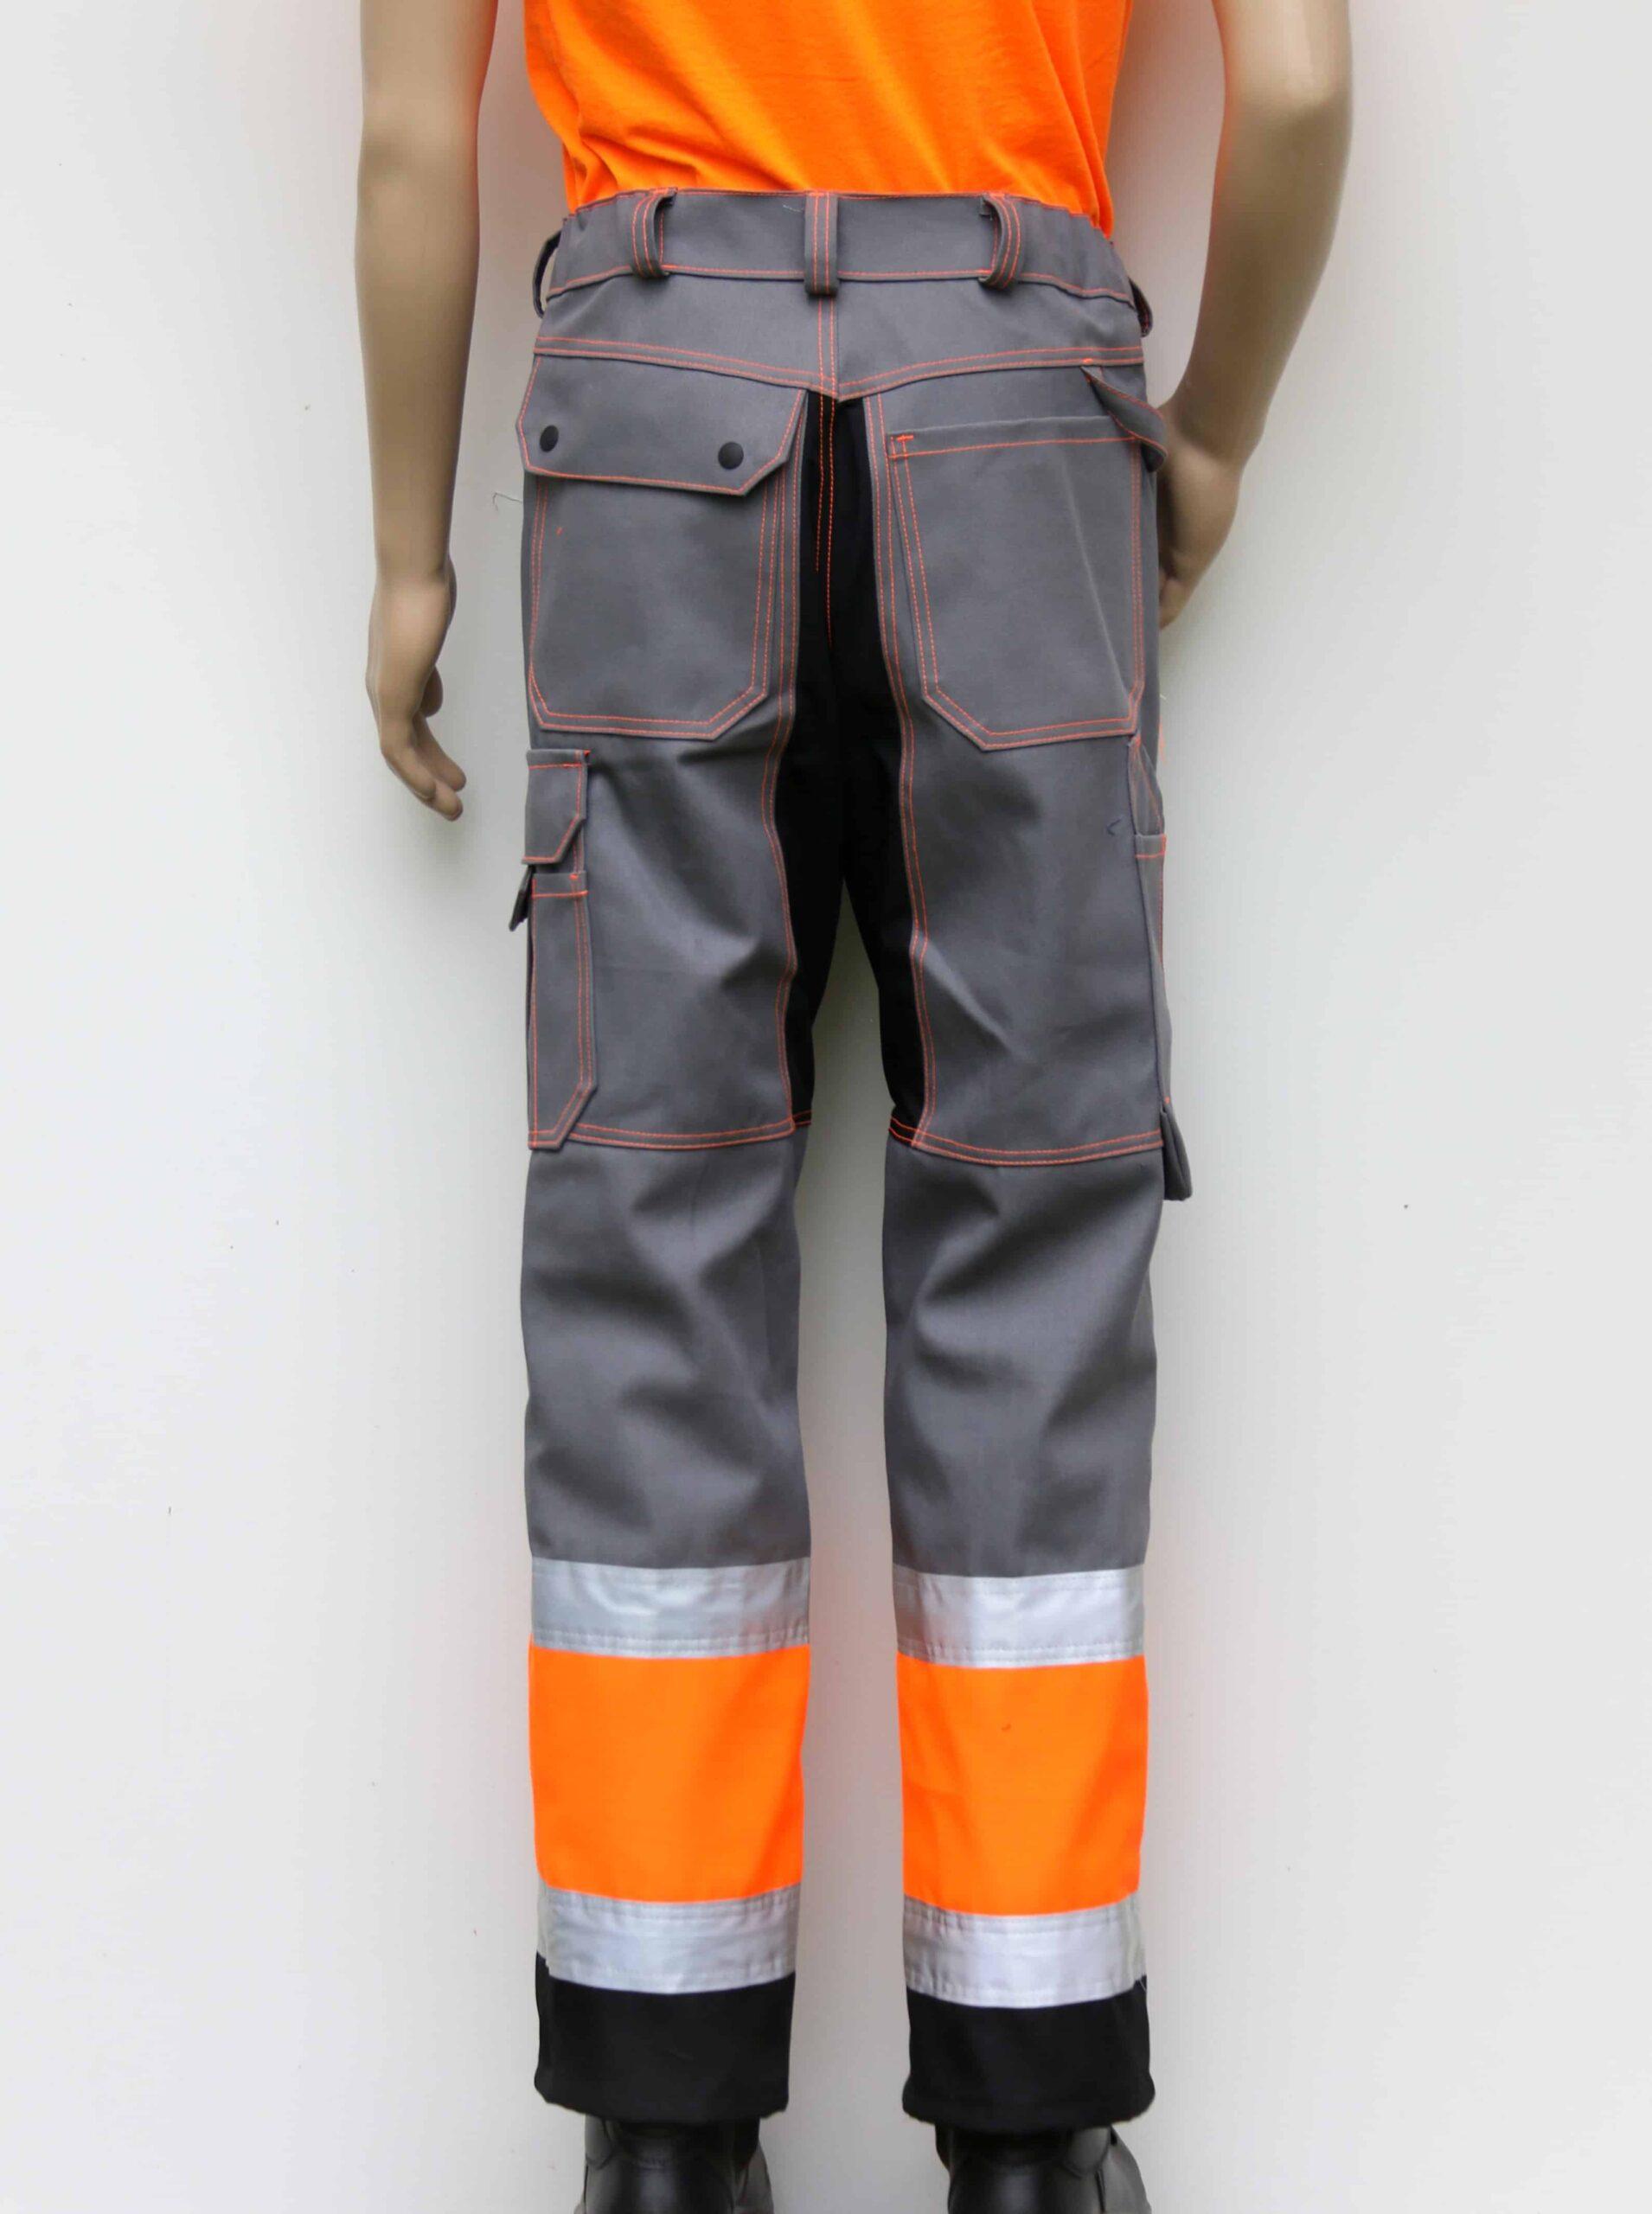 Multinorm sädemekindlad püksid FLAM 4